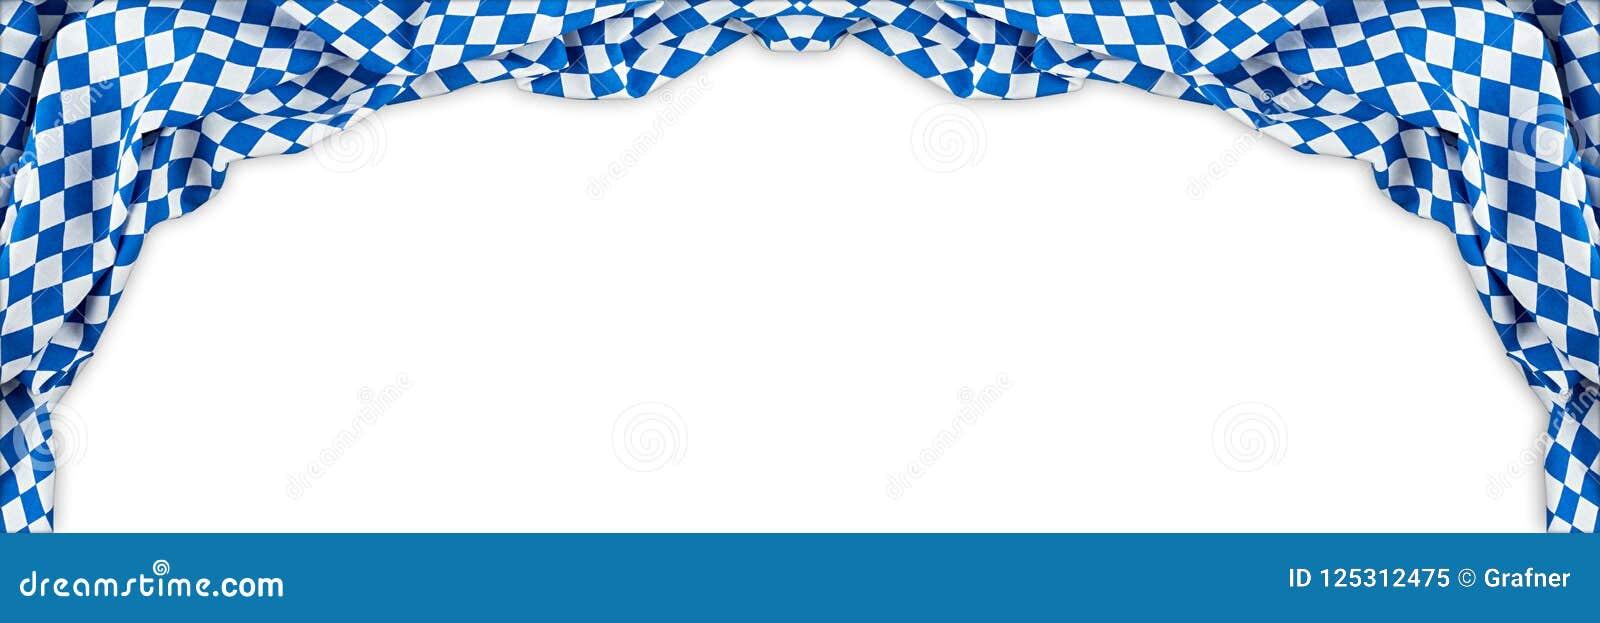 Βαυαρικό πιό oktoberfest υπόβαθρο πανοράματος σημαιών ευρύ